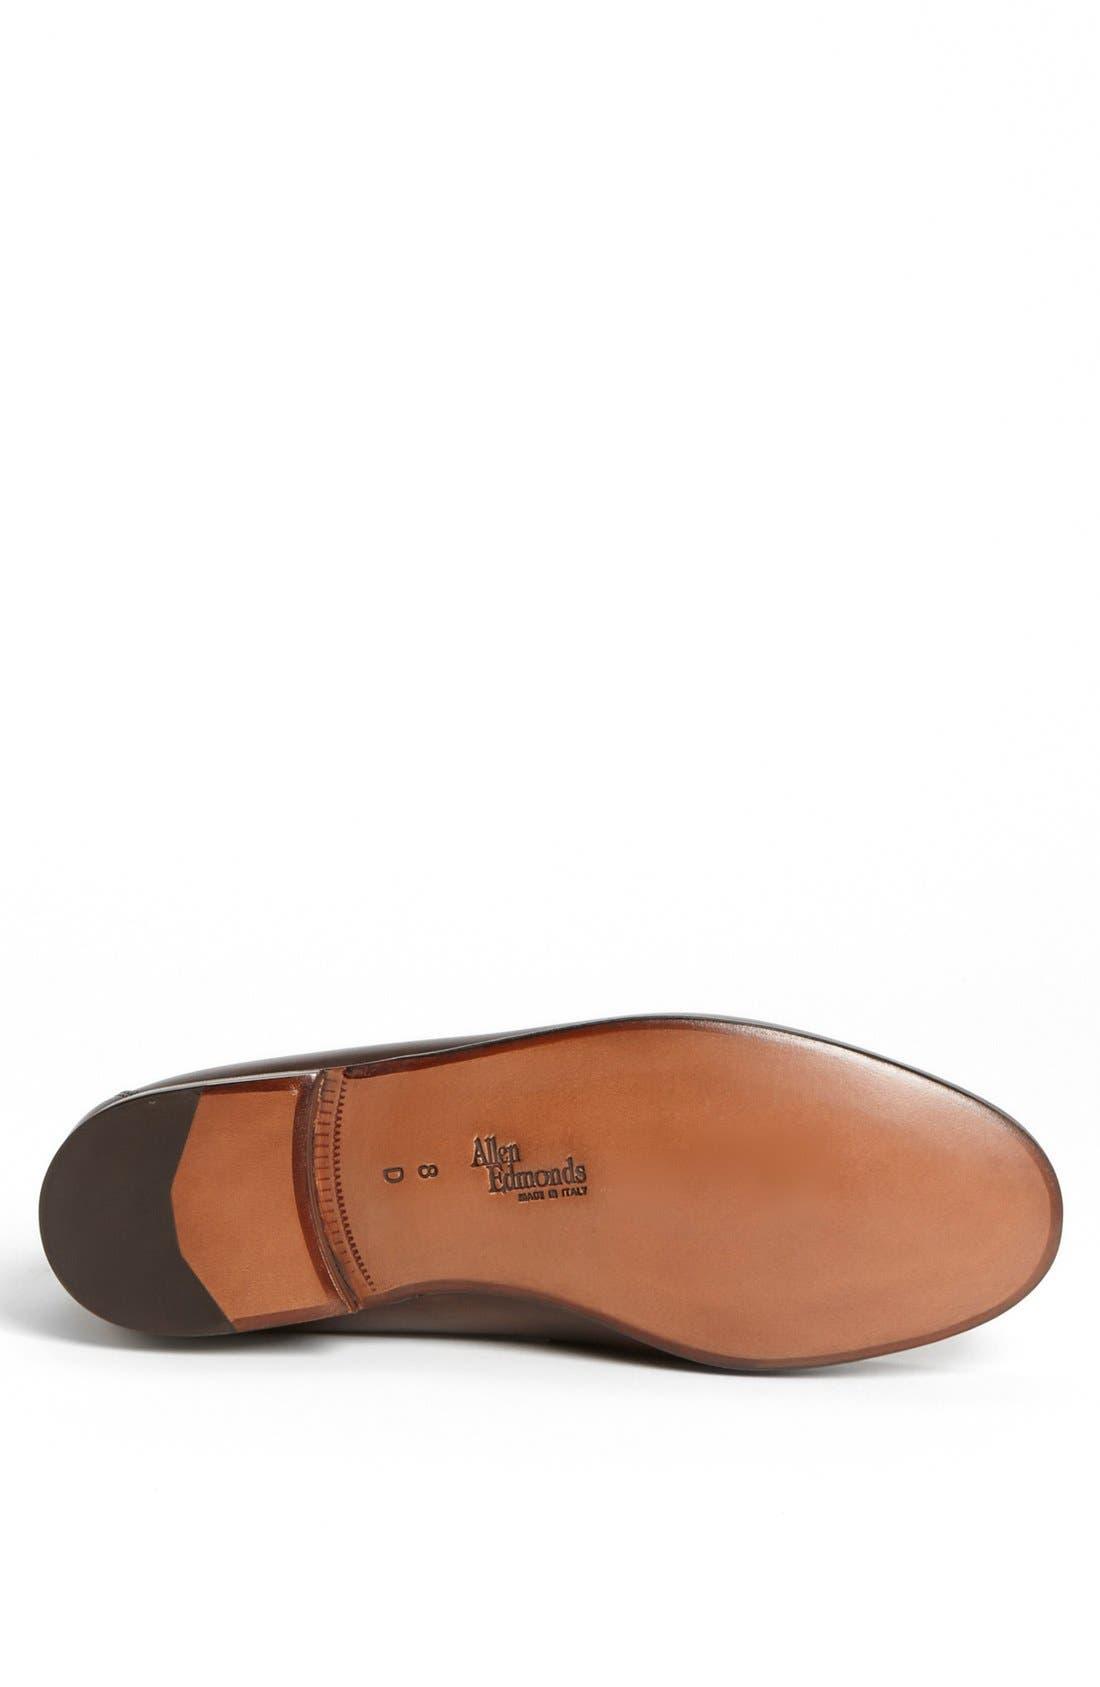 'Urbino' Tassel Loafer,                             Alternate thumbnail 3, color,                             200